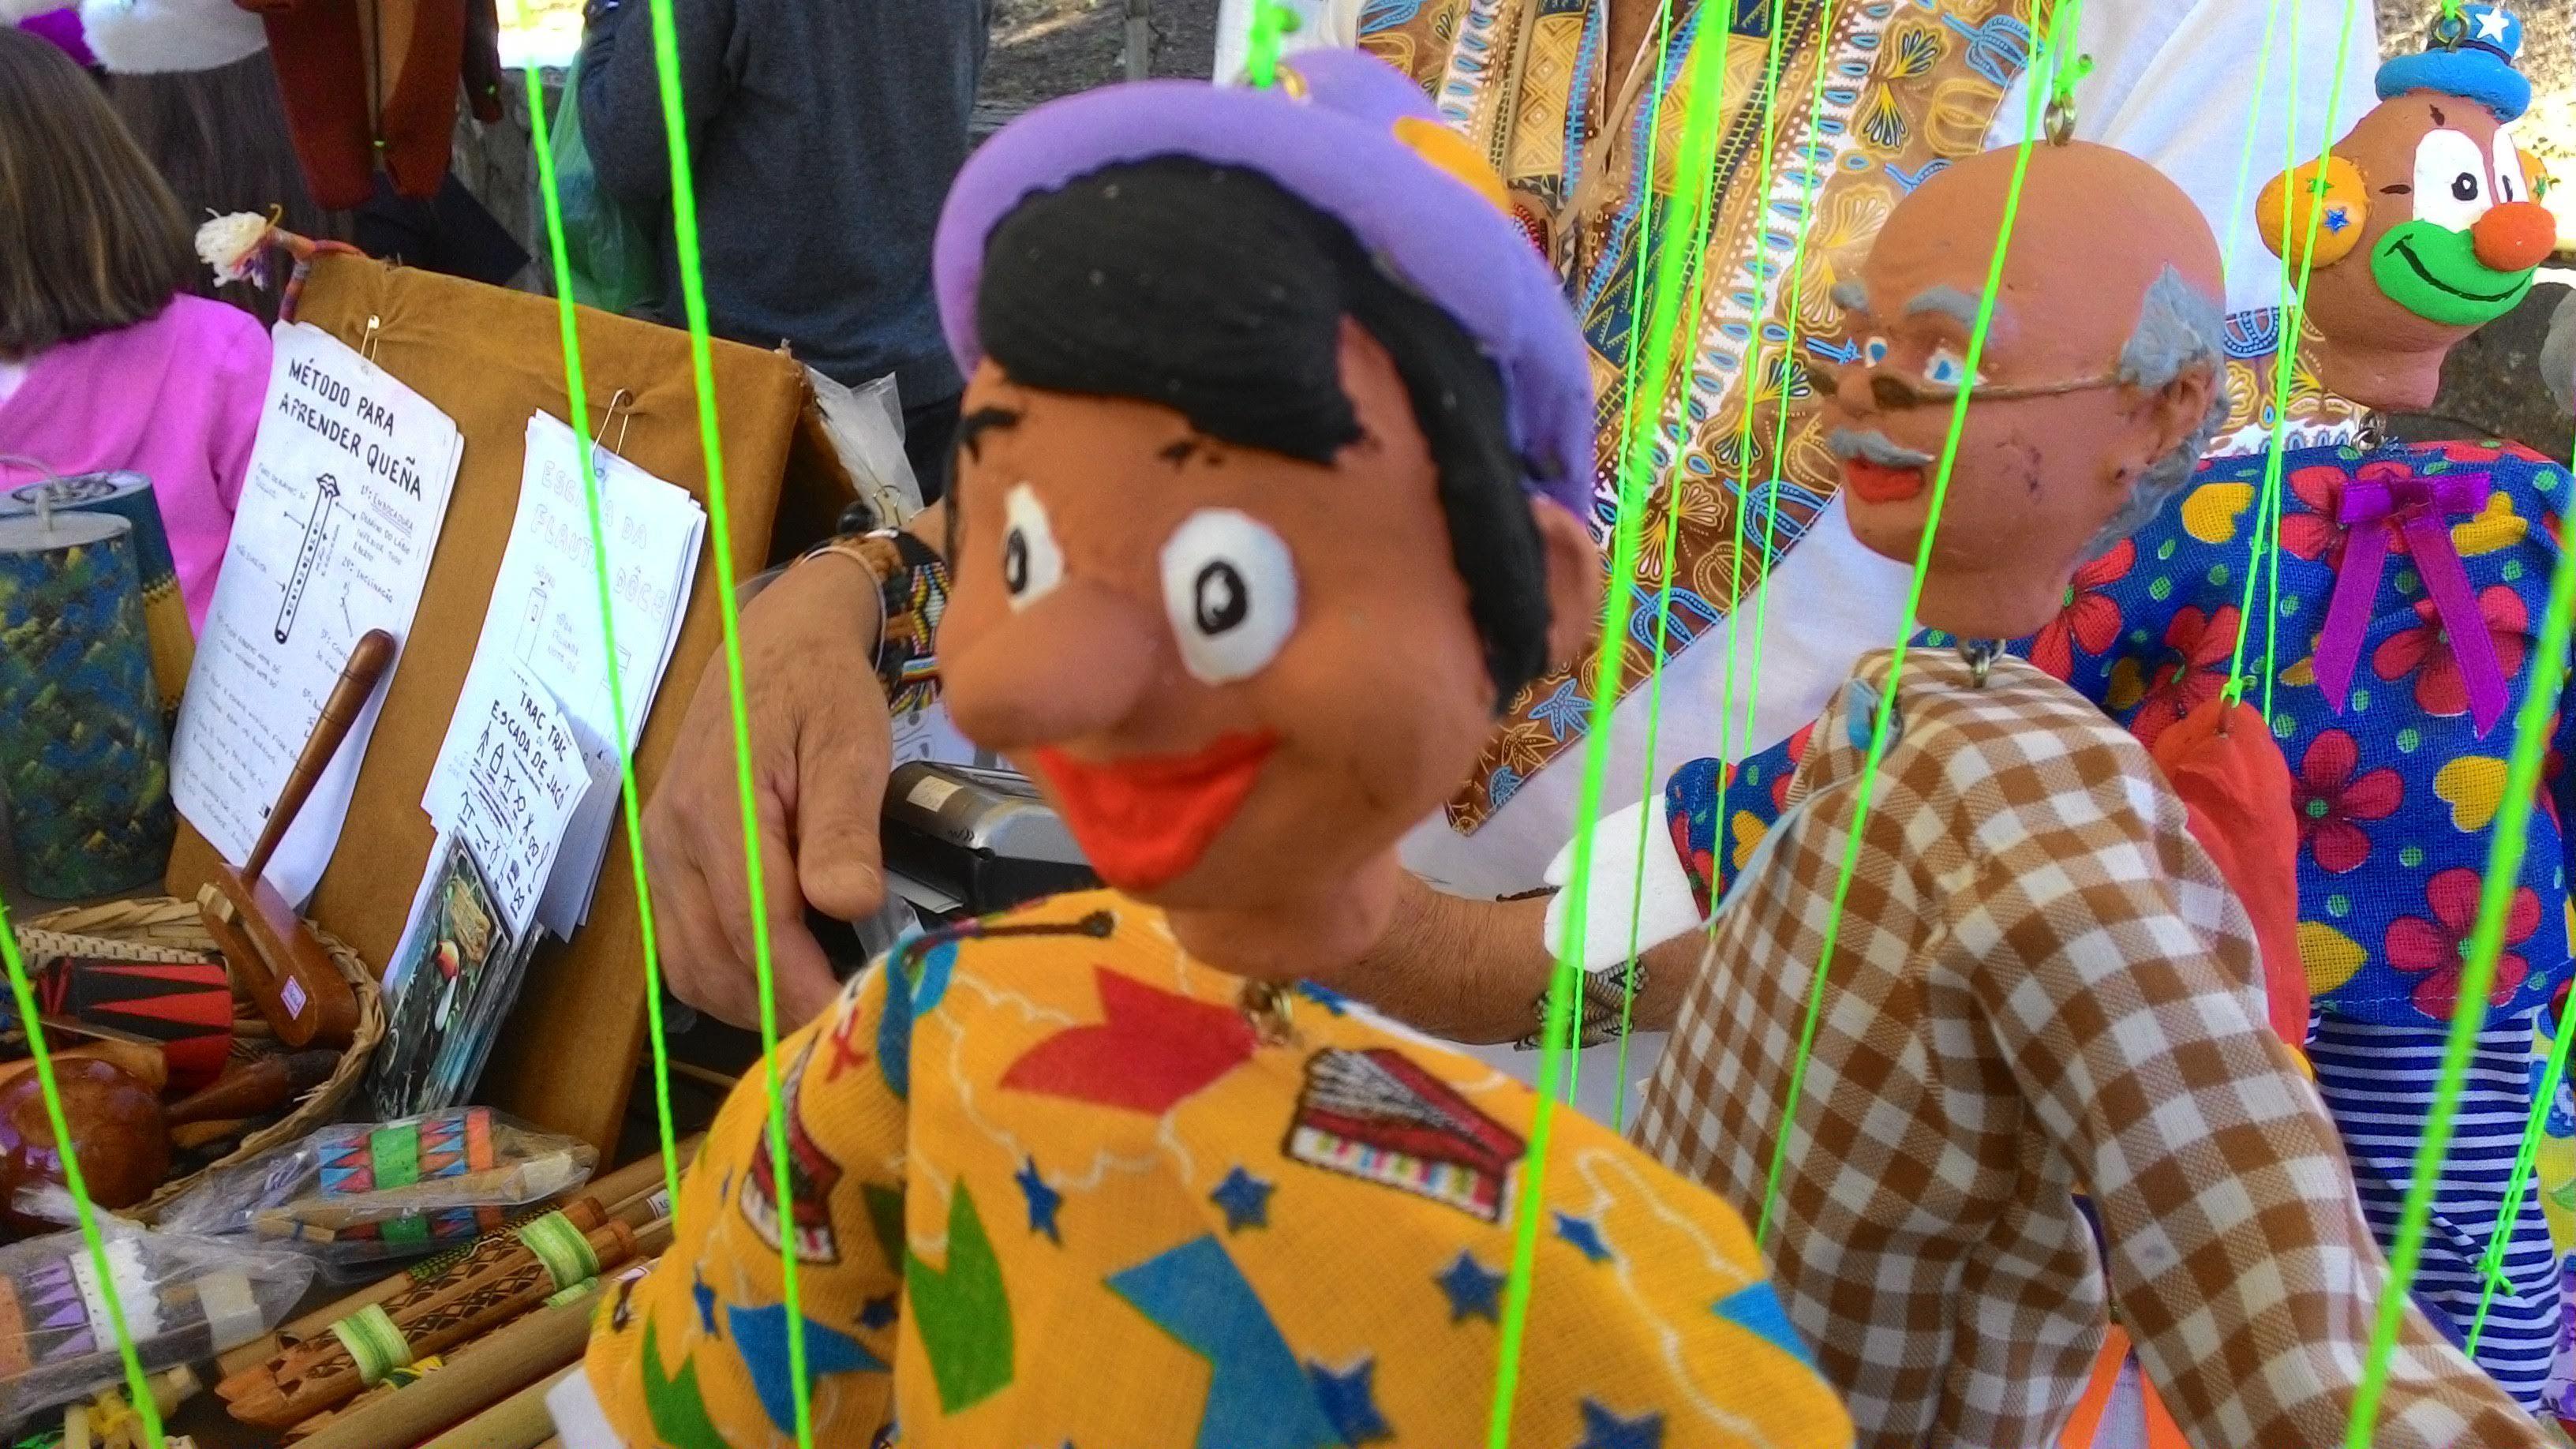 Logotipo - Altamir Cabral - Instrumentos musicais e brinquedos antigos